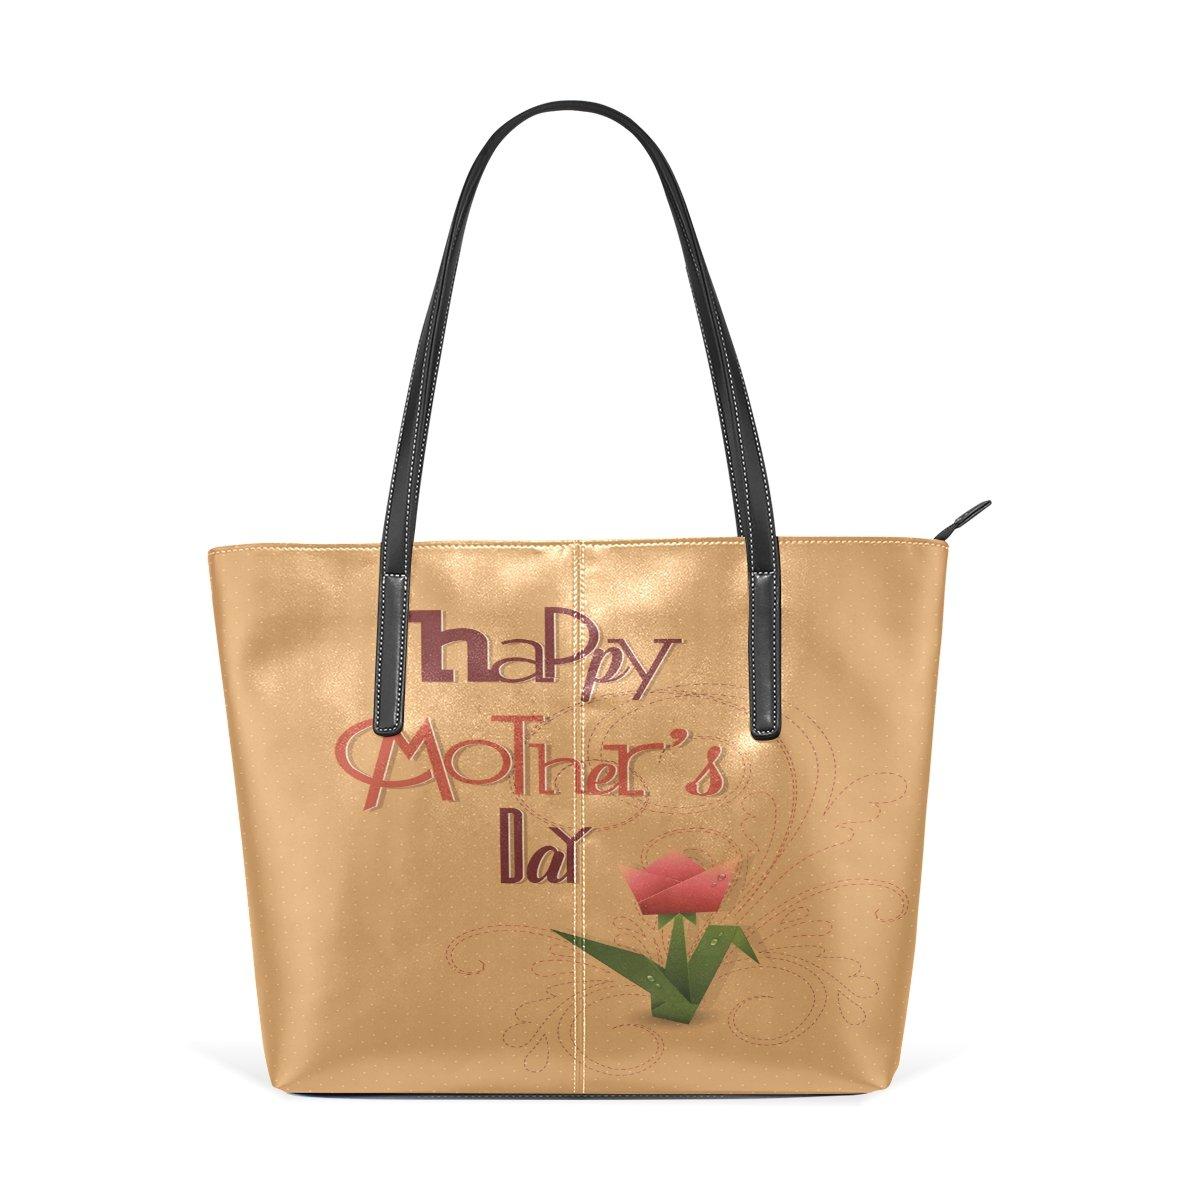 Womens Leather Top Handle Shoulder Handbag Golden Flowers Large Work Tote Bag